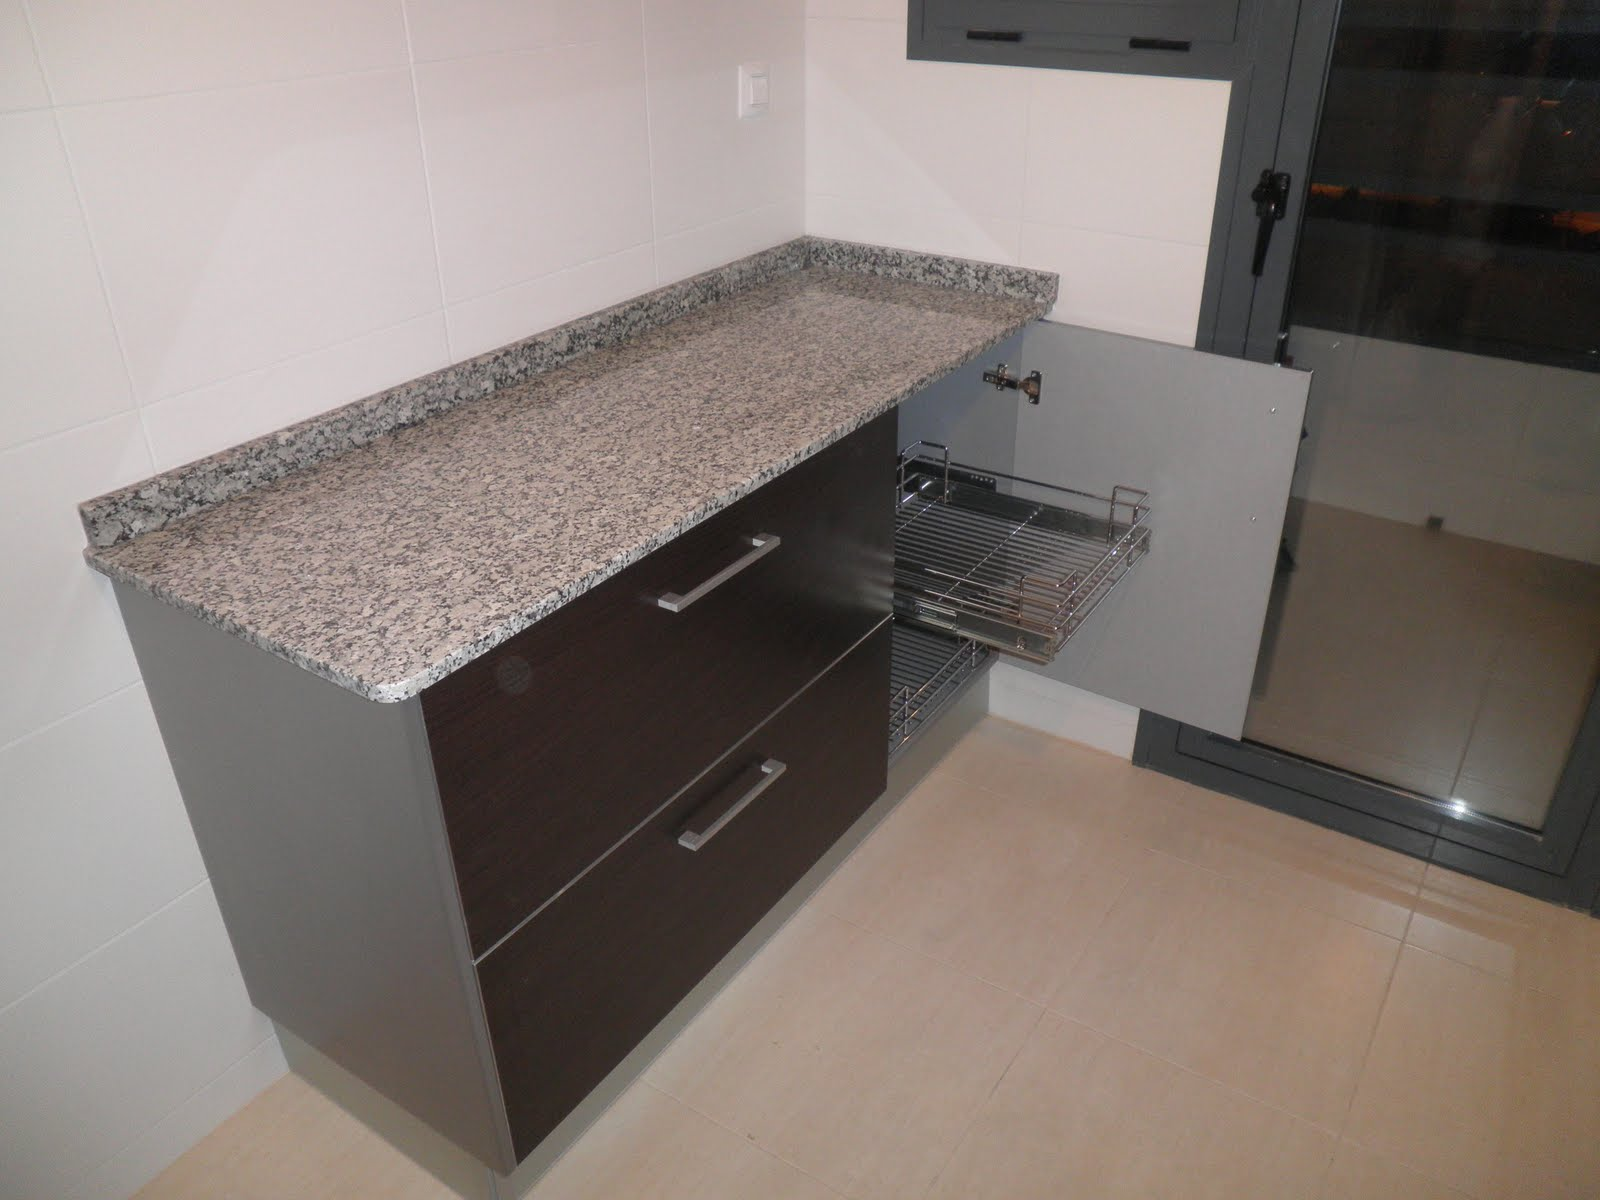 Decoraciones sahuquillo mueble de cocina wengue y aluminio for Muebles de cocina de aluminio